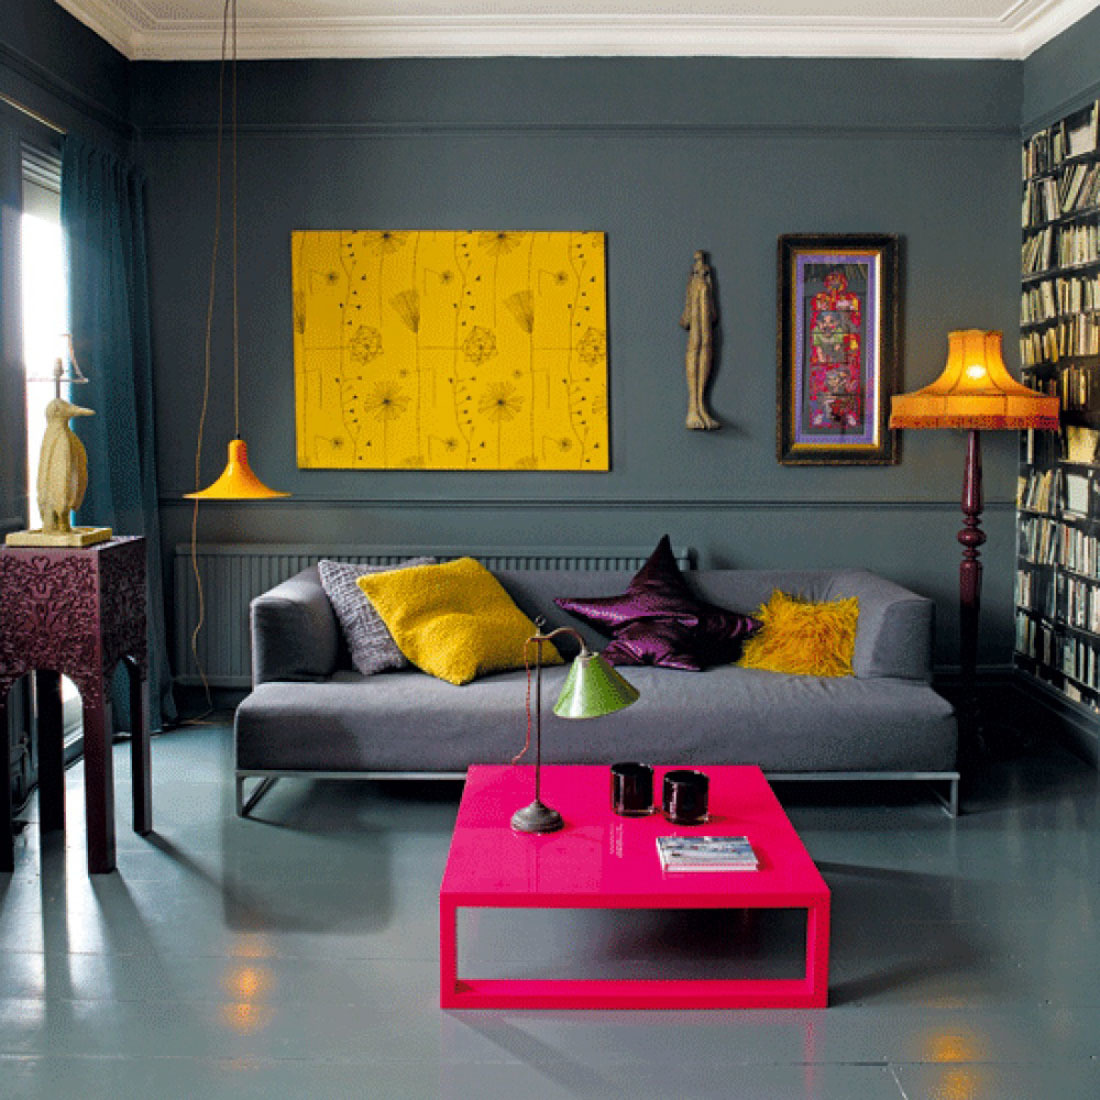 Яркий, провокационный цвет создает интересный контраст с непритязательной формой стола.